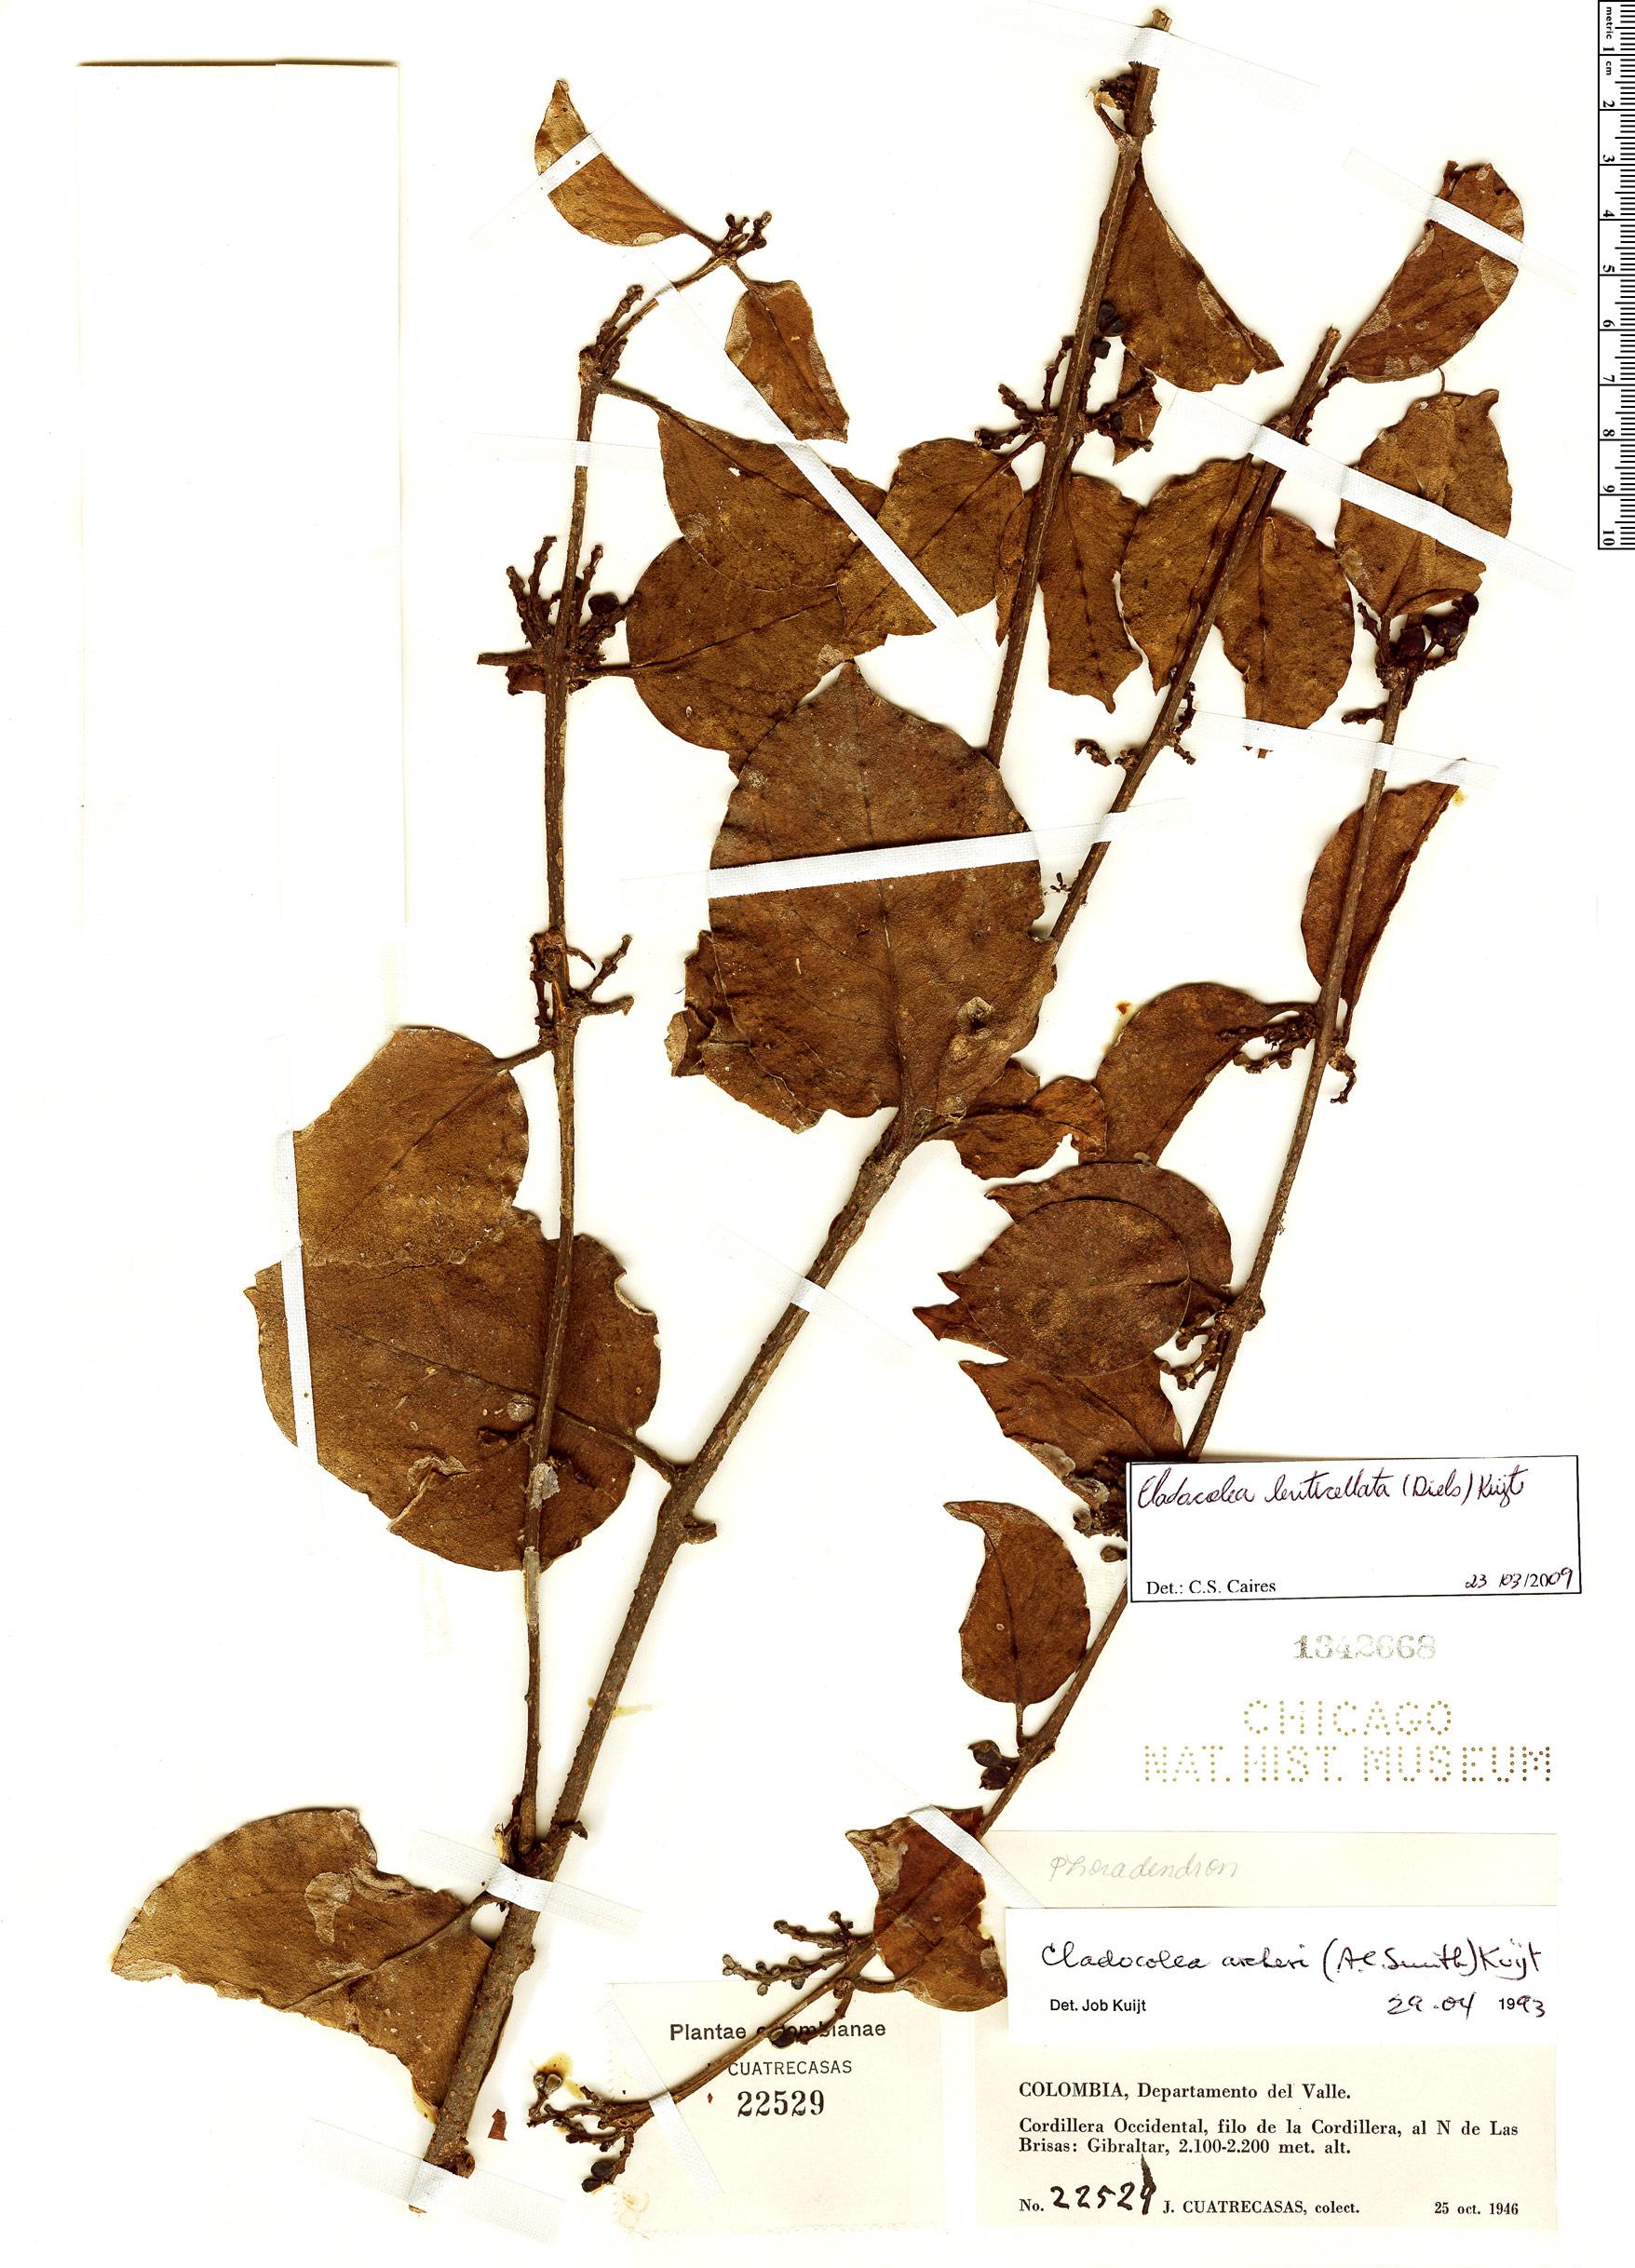 Specimen: Cladocolea lenticellata